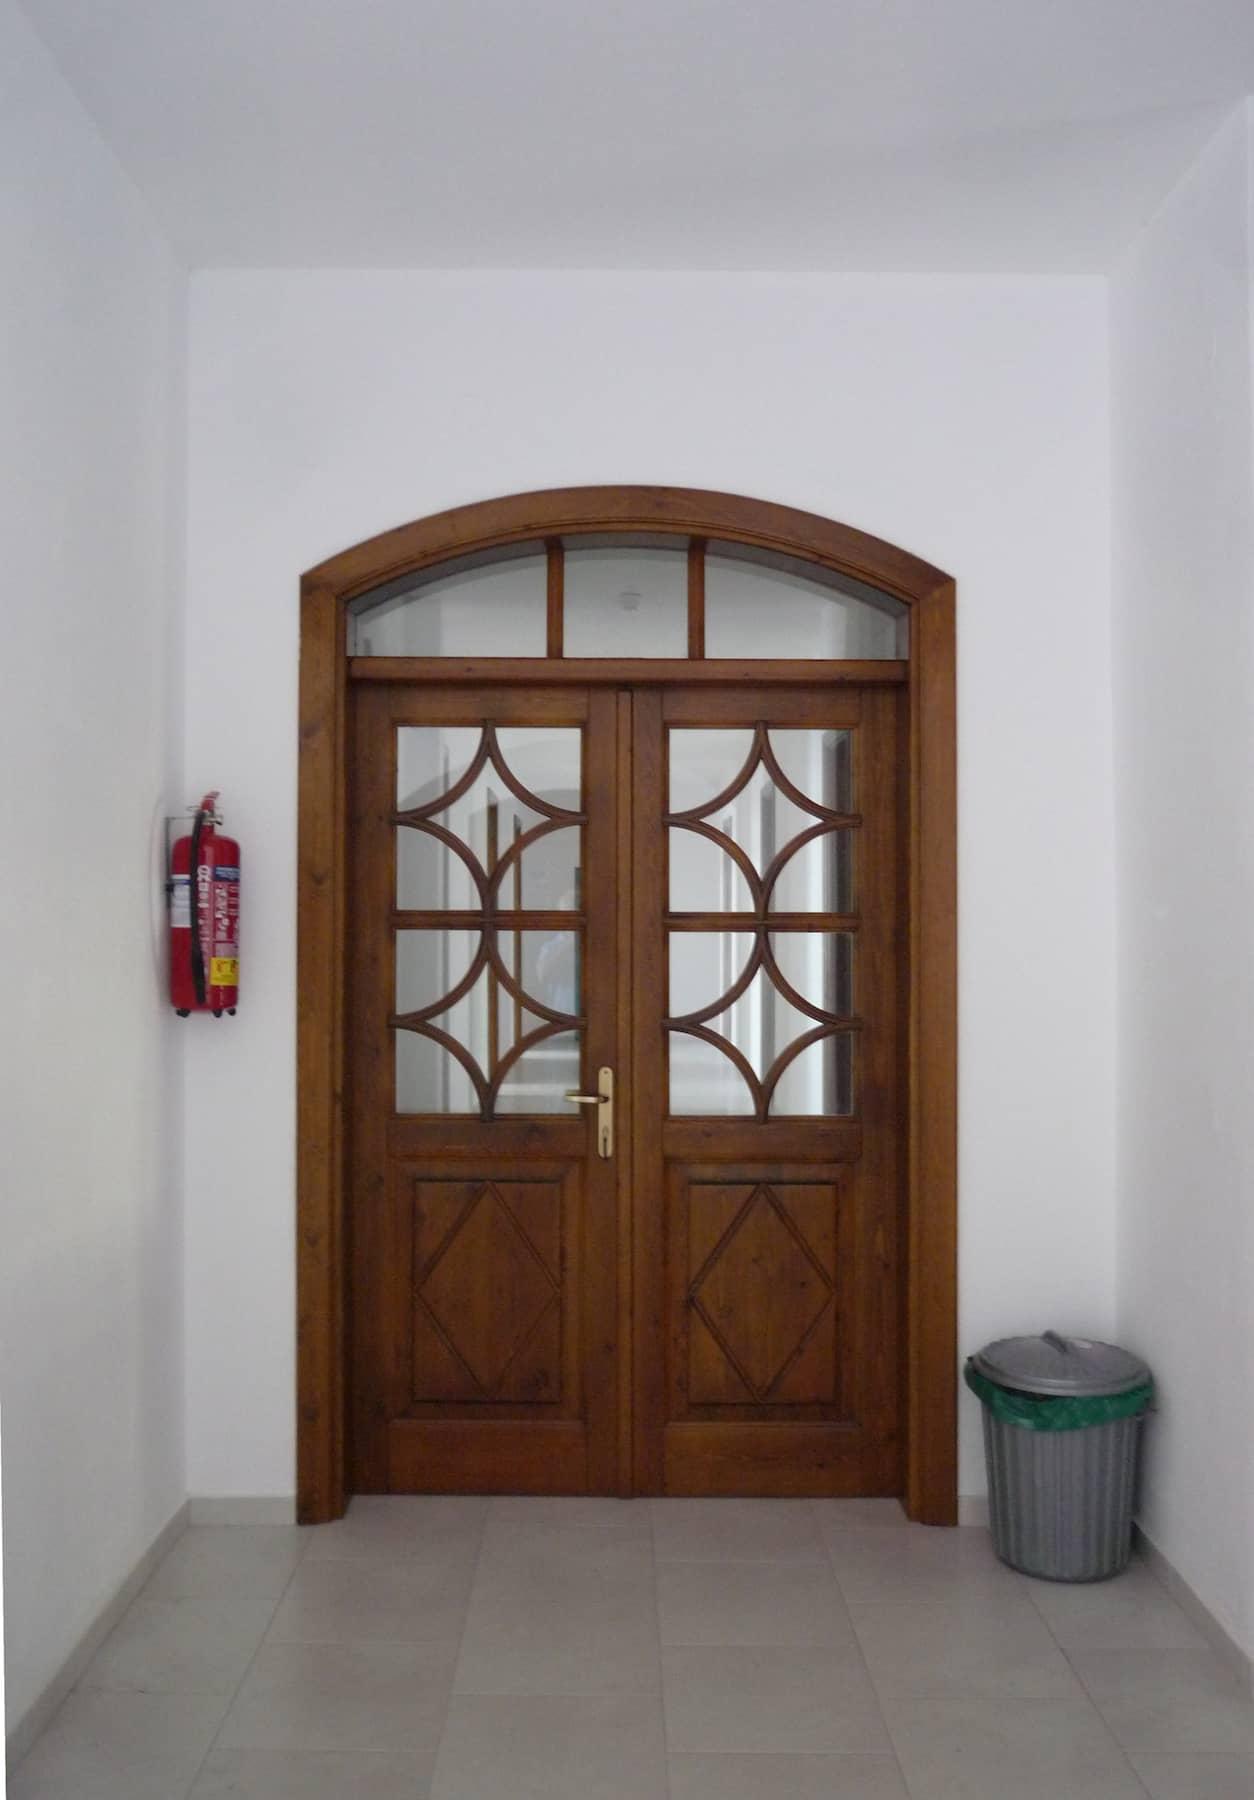 τζαμωτή ξύλινη πόρτα με τοξωτό φεγγίτη